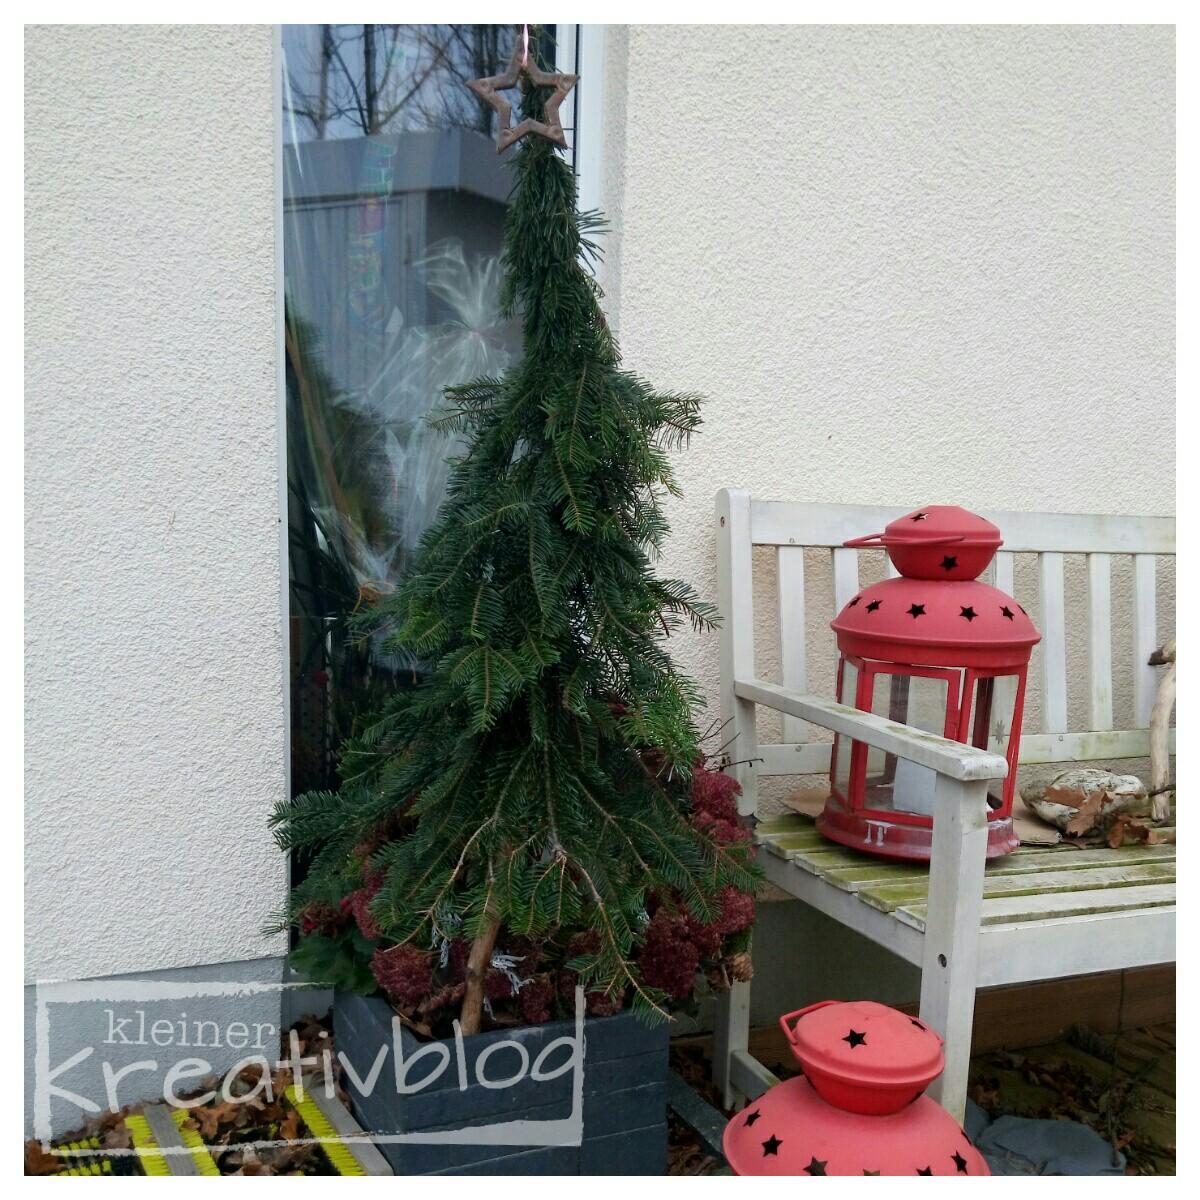 kleiner kreativblog weihnachtliche au endekoration. Black Bedroom Furniture Sets. Home Design Ideas